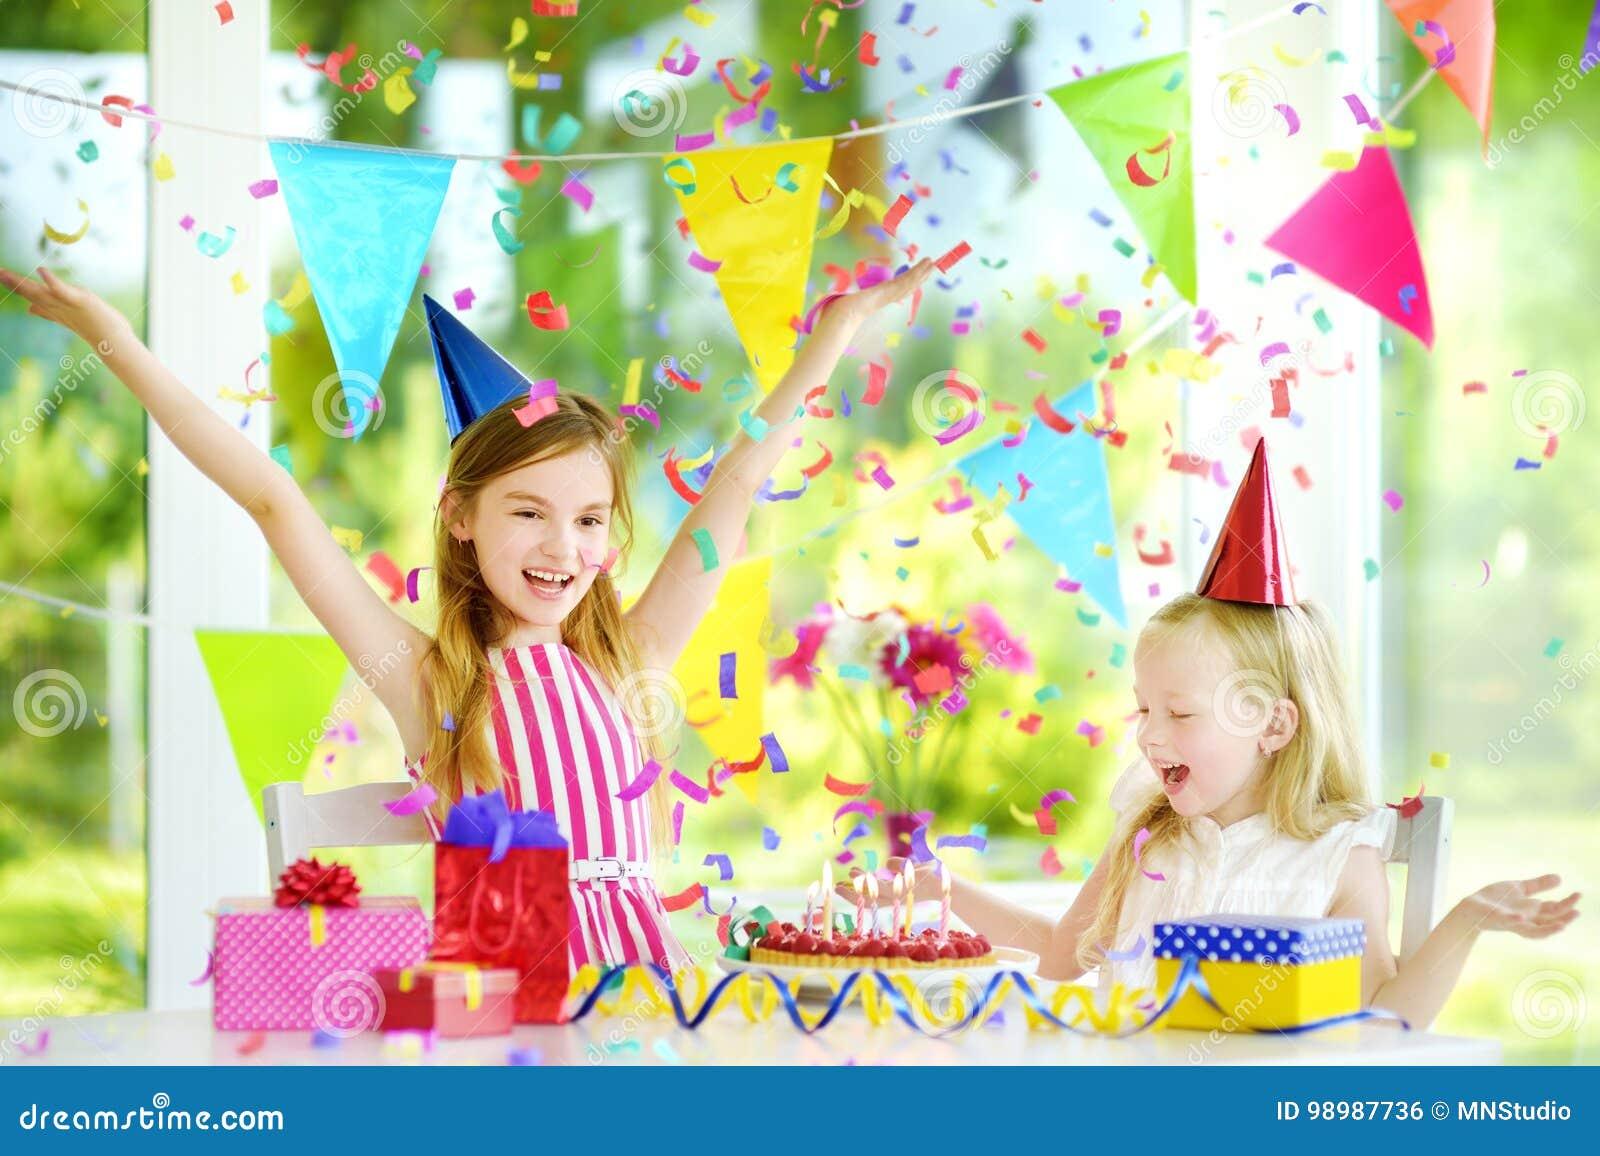 Deux petites soeurs drôles ayant la fête d anniversaire à la maison, soufflant des bougies sur le gâteau d anniversaire